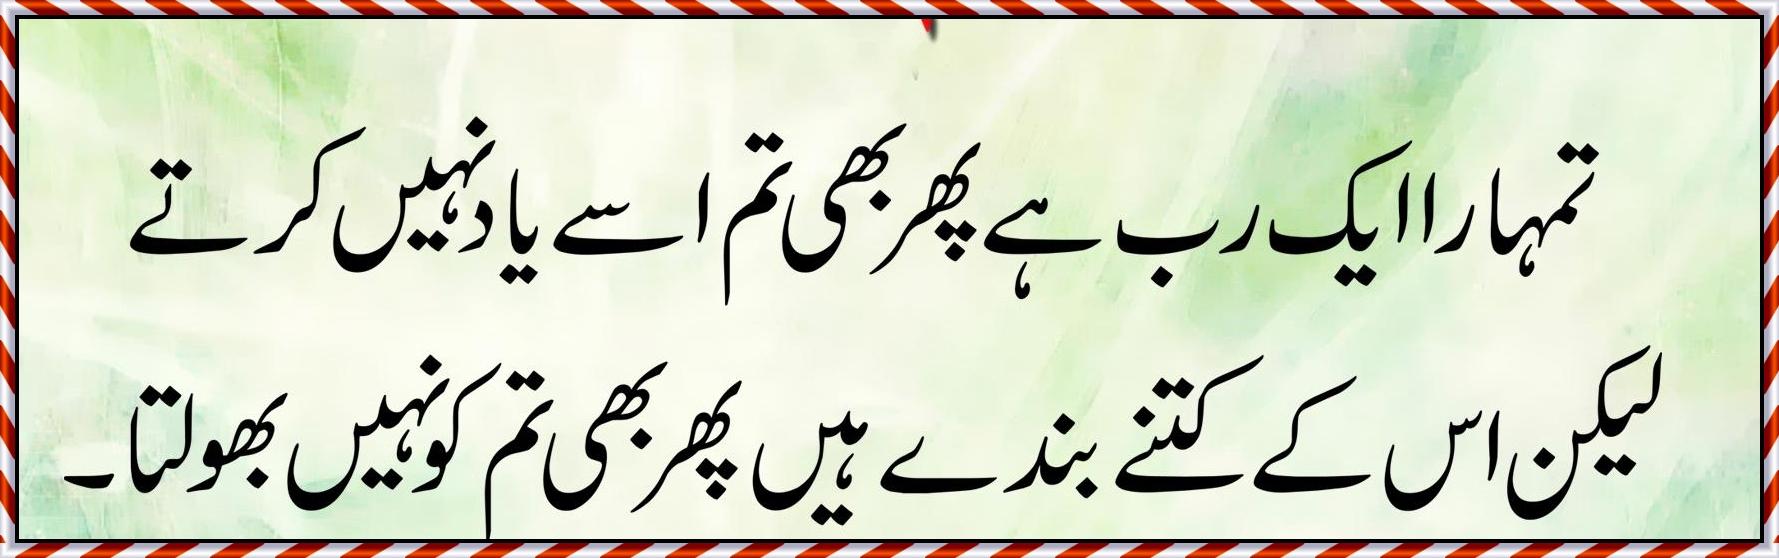 Essay on winter in urdu